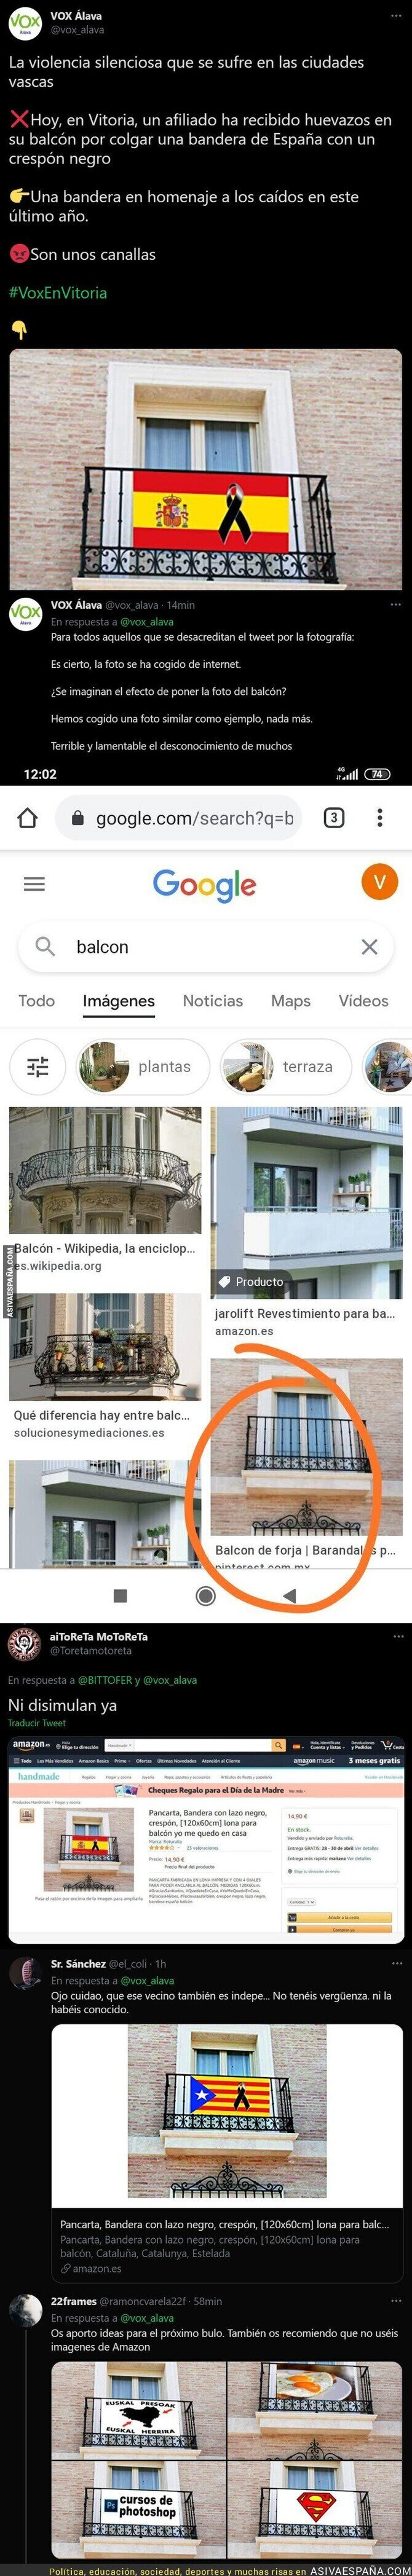 723134 - 'VOX Álava' denuncia unos huevazos al balcón de un vecino y no tardan en pillarle con la gran mentira por este detalle